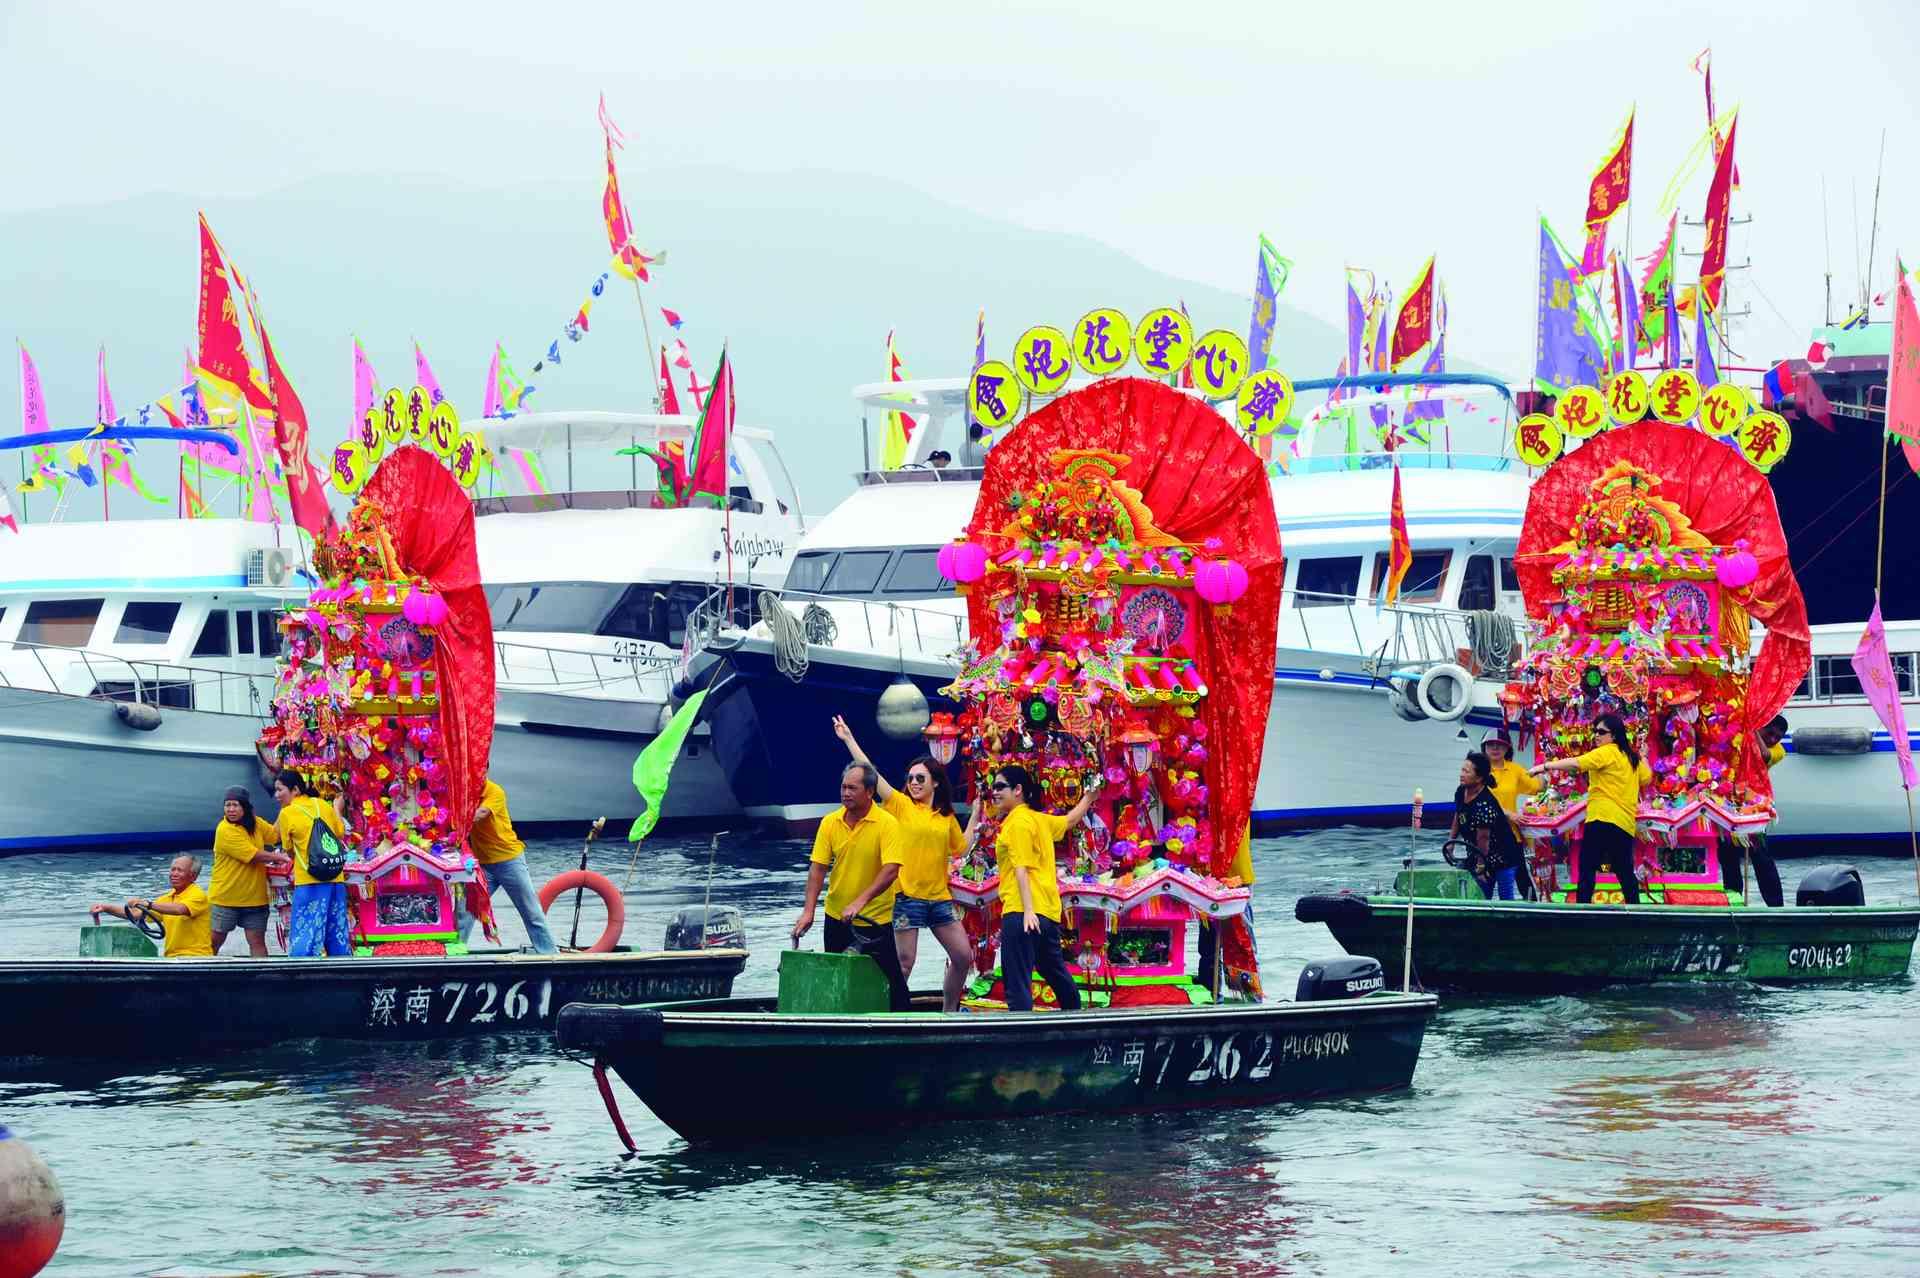 糧船灣各花炮會穿著制服以船艇將花炮搬到廟前盛況。